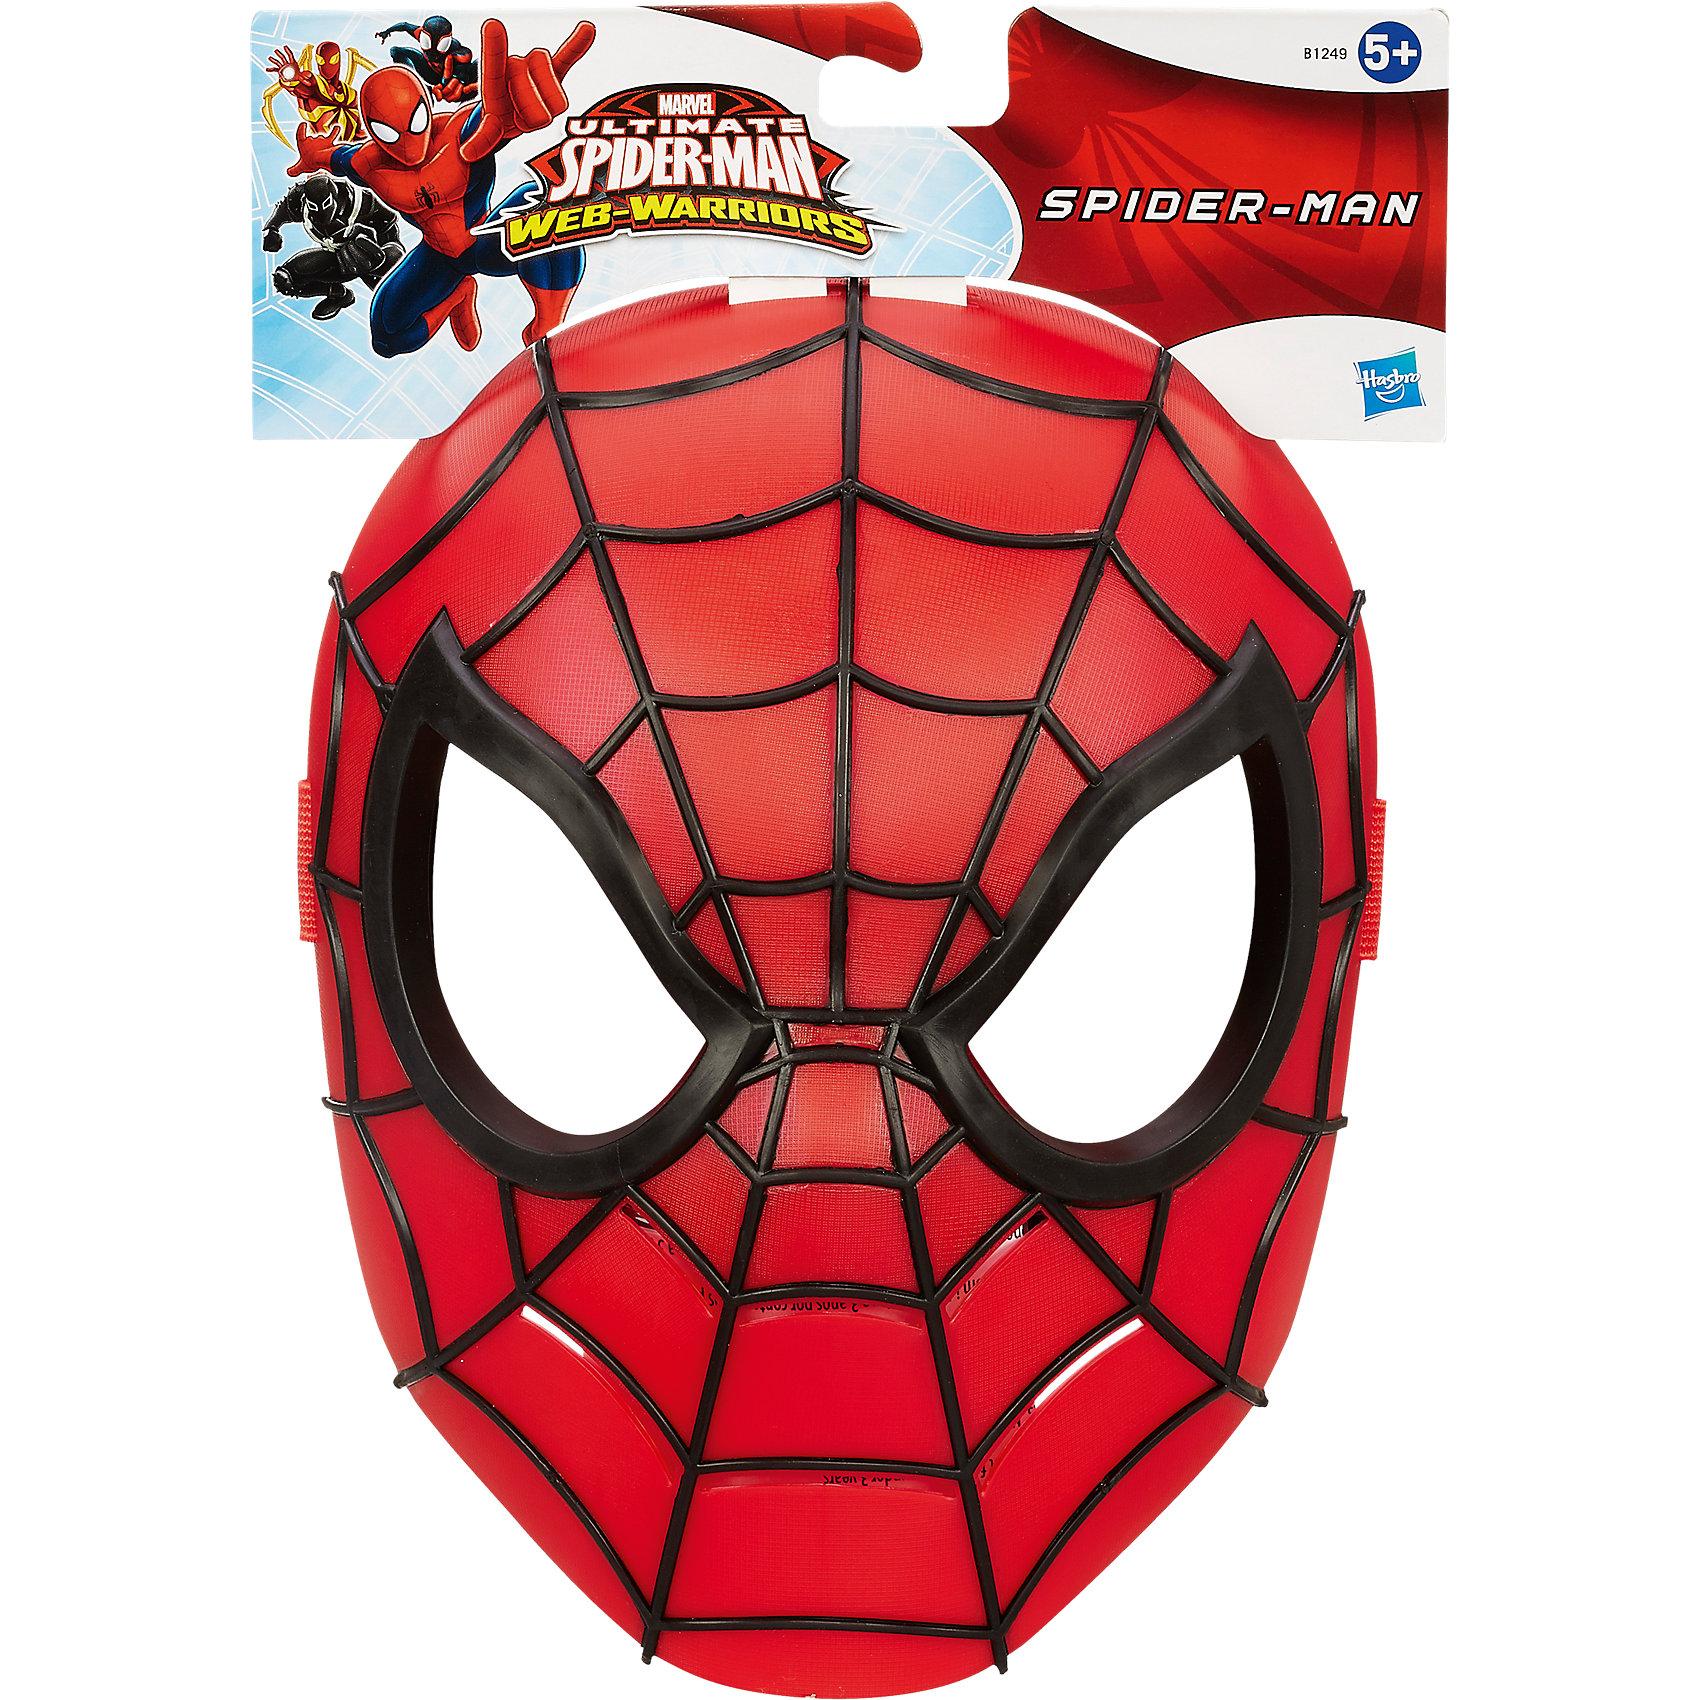 Базовая маска Человека-паука,  в ассортиментеВ этой крутой маске каждый может почувствовать себя настоящим Человеком Пауком и погрузиться в атмосферу захватывающего мультфильма. Маска выполнена из высококачественного пластика, хорошо держится на лице, имеет универсальный размер.<br><br>Дополнительная информация:<br><br>- Материал: пластик.<br>- Размер: 18 см х 22 см х 9 см.<br>- Крепится на лице с помощью широкой резинки. <br><br>ВНИМАНИЕ! Данный артикул представлен в разных вариантах исполнения. К сожалению, заранее выбрать определенный вариант невозможно. При заказе нескольких игрушек  возможно получение одинаковых. <br><br>Базовую маску Человека-паука (Spider-Man)  в ассортименте можно купить в нашем магазине.<br><br>Ширина мм: 250<br>Глубина мм: 196<br>Высота мм: 93<br>Вес г: 161<br>Возраст от месяцев: 48<br>Возраст до месяцев: 96<br>Пол: Мужской<br>Возраст: Детский<br>SKU: 3971706